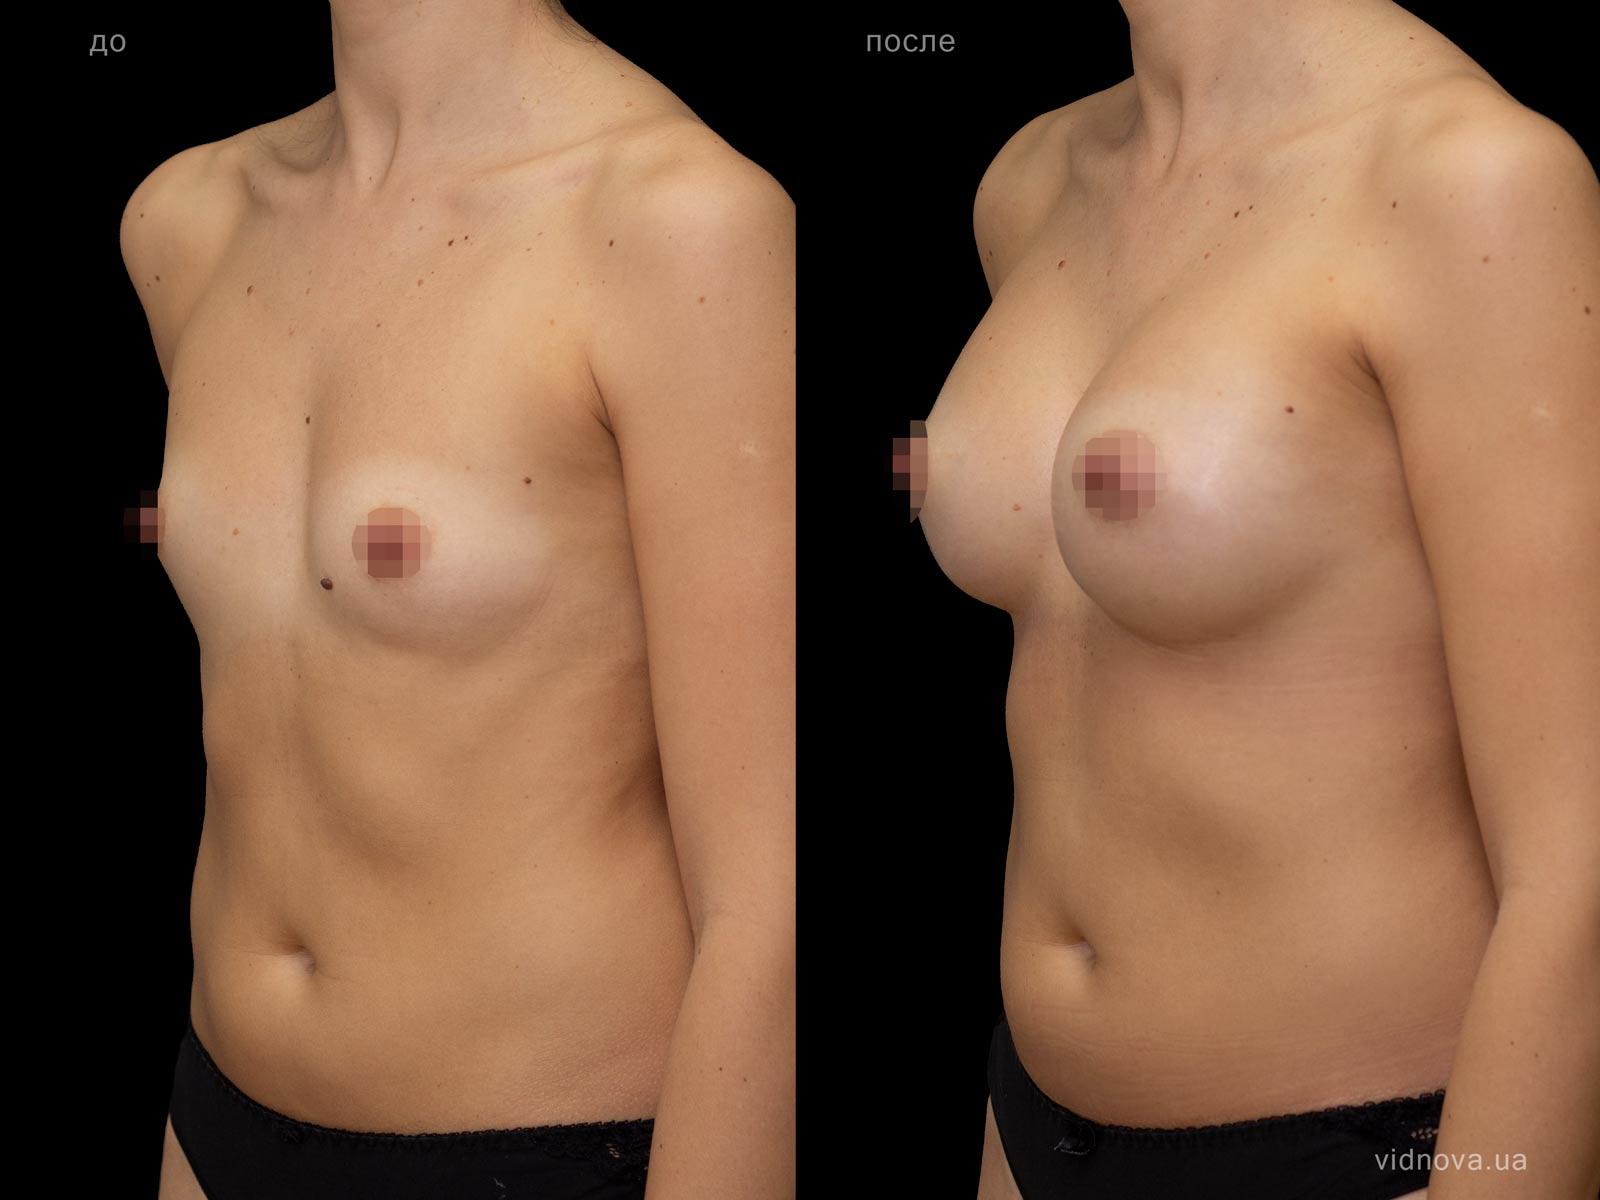 Пластика груди: результаты до и после - Пример №82-1 - Светлана Работенко